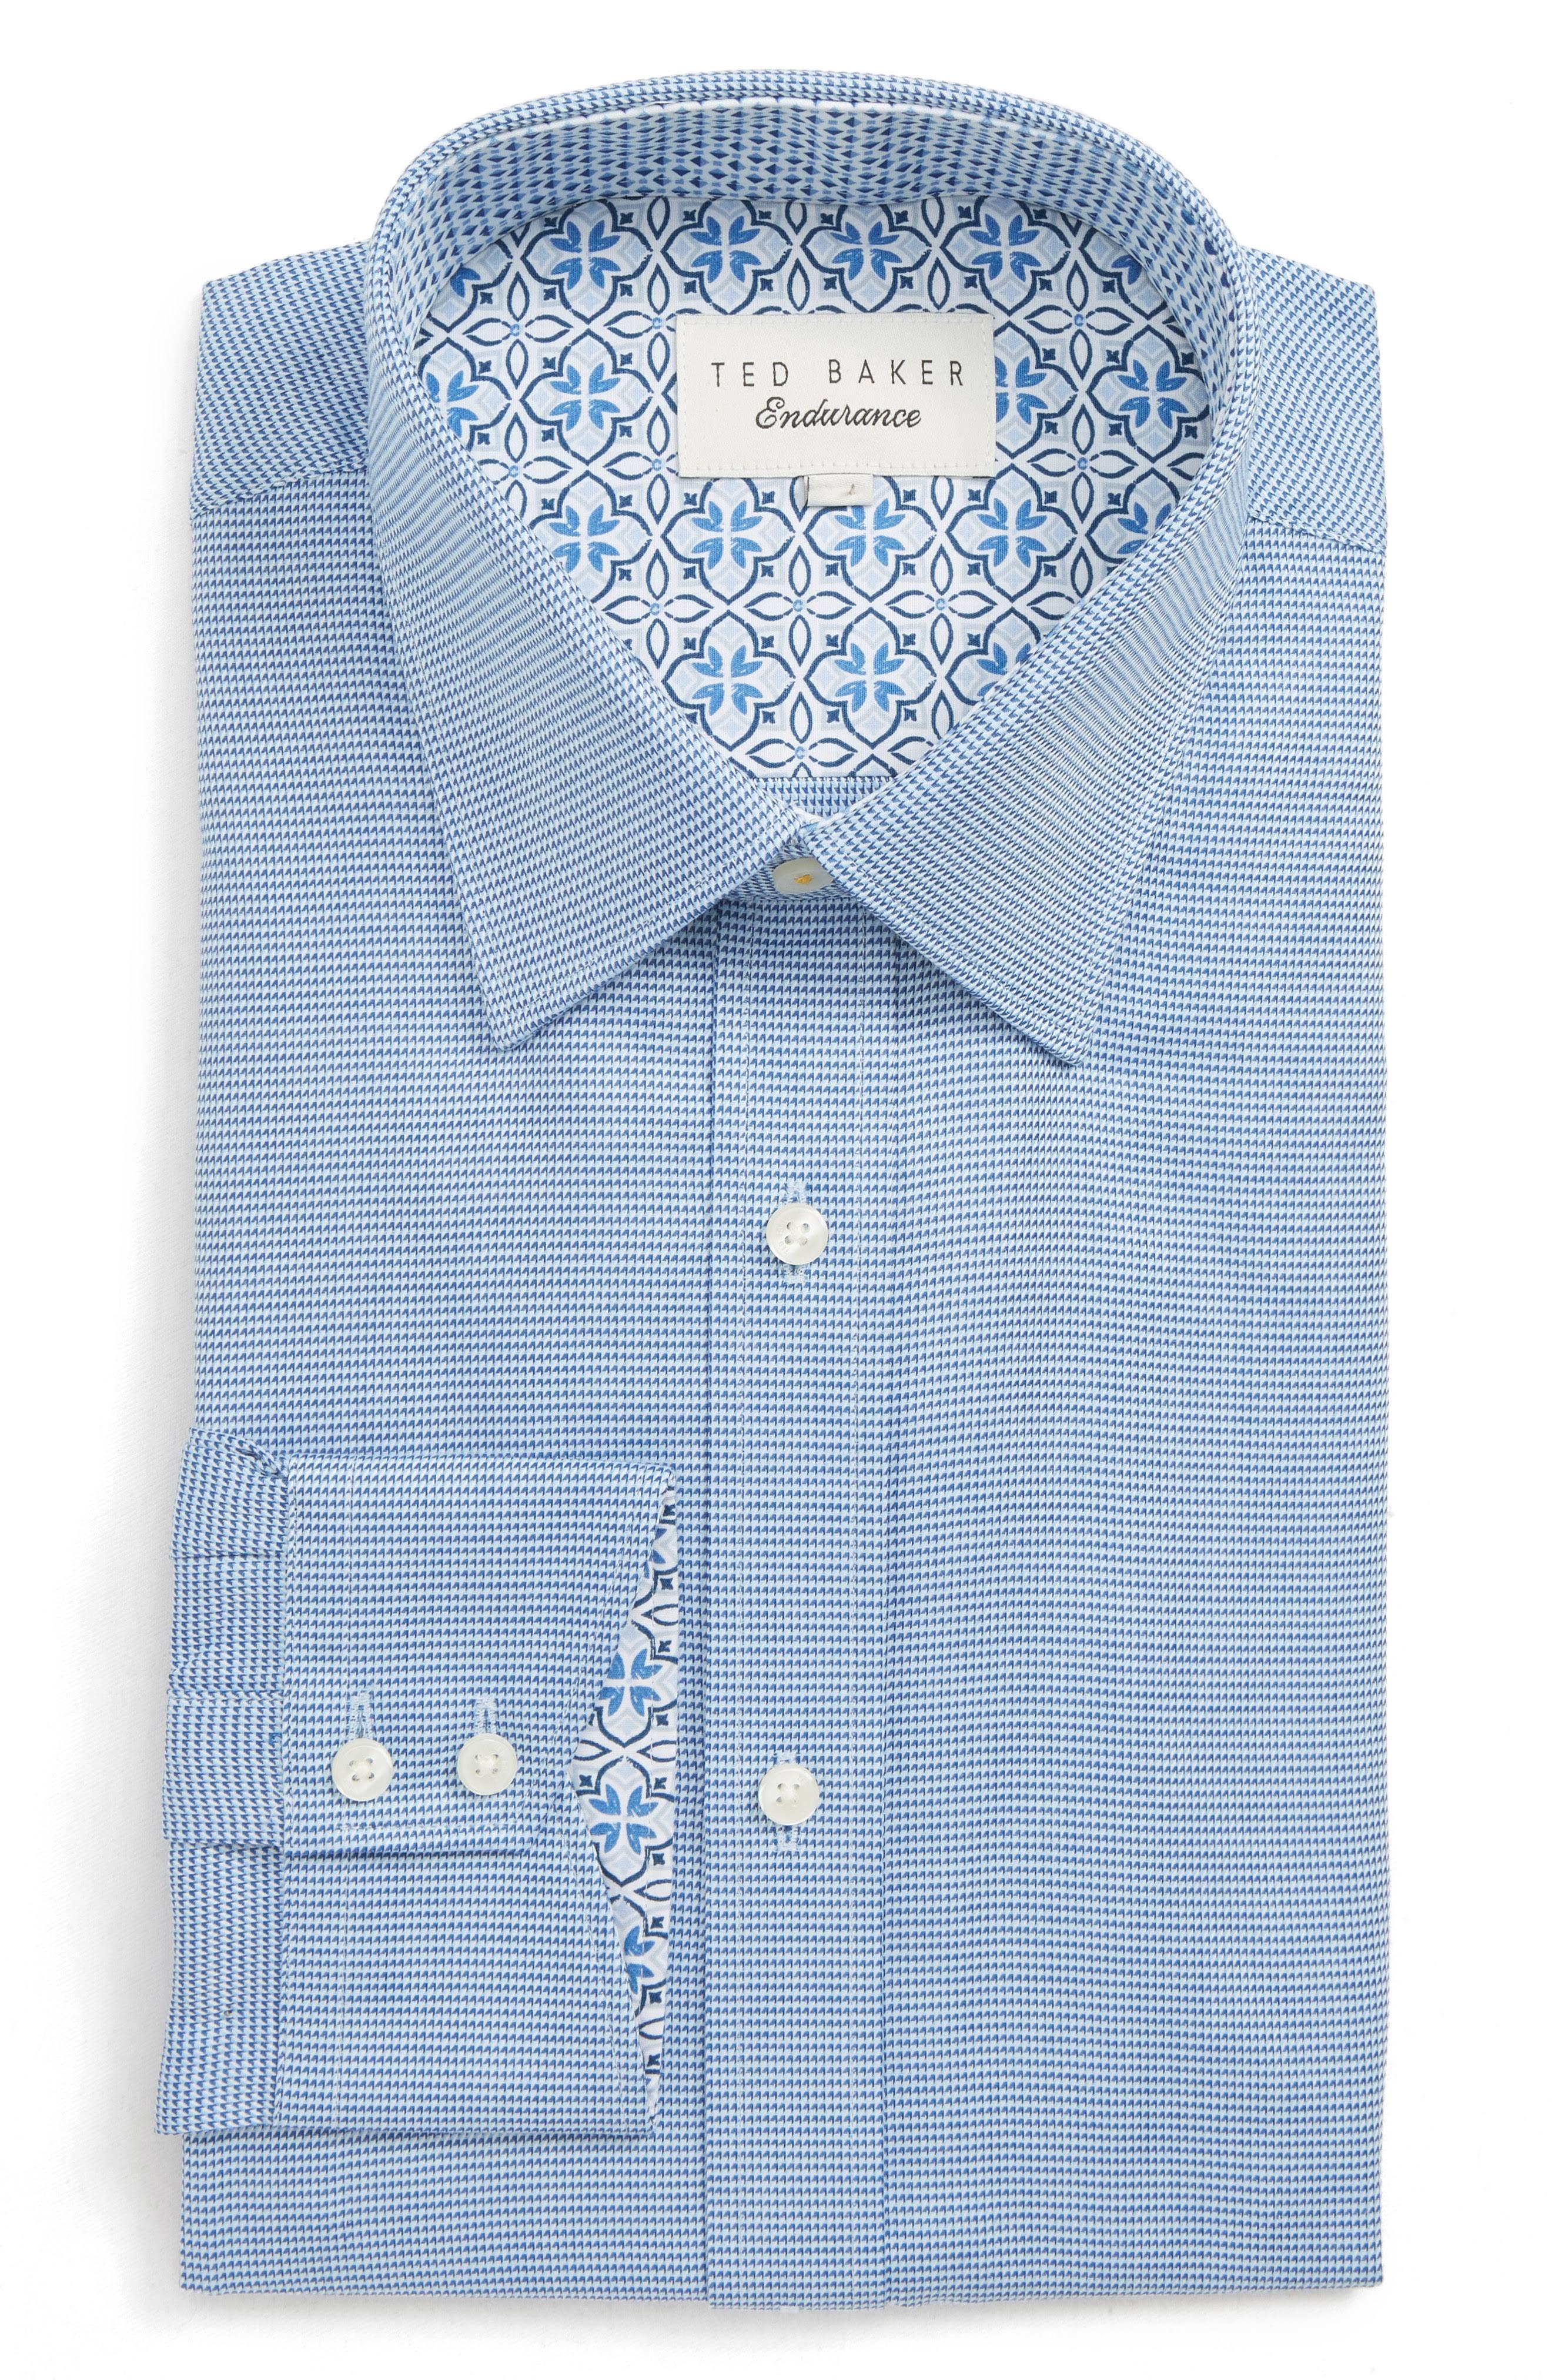 Tamaño London De Para 16 Endurance Camisa Hombre 35 34 Baker Gallo Pata Vestir Azul Ted 0Bd8xdP